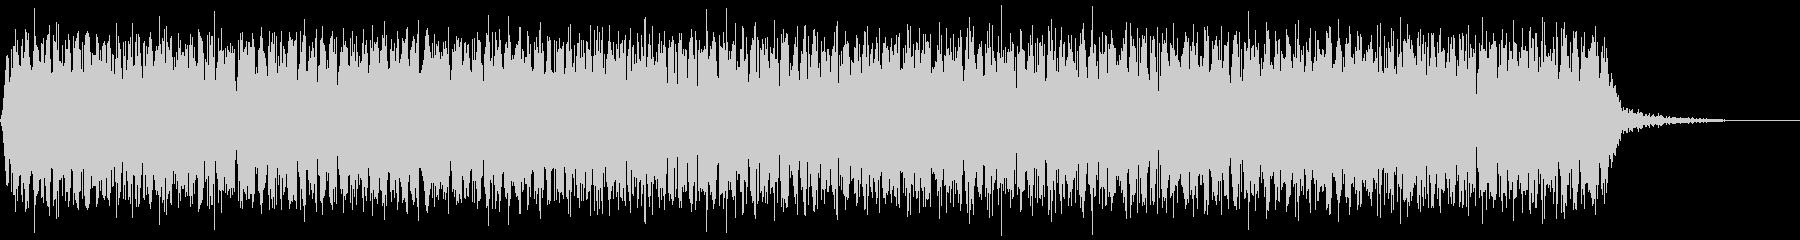 【アンビエント】ドローン_32 実験音の未再生の波形